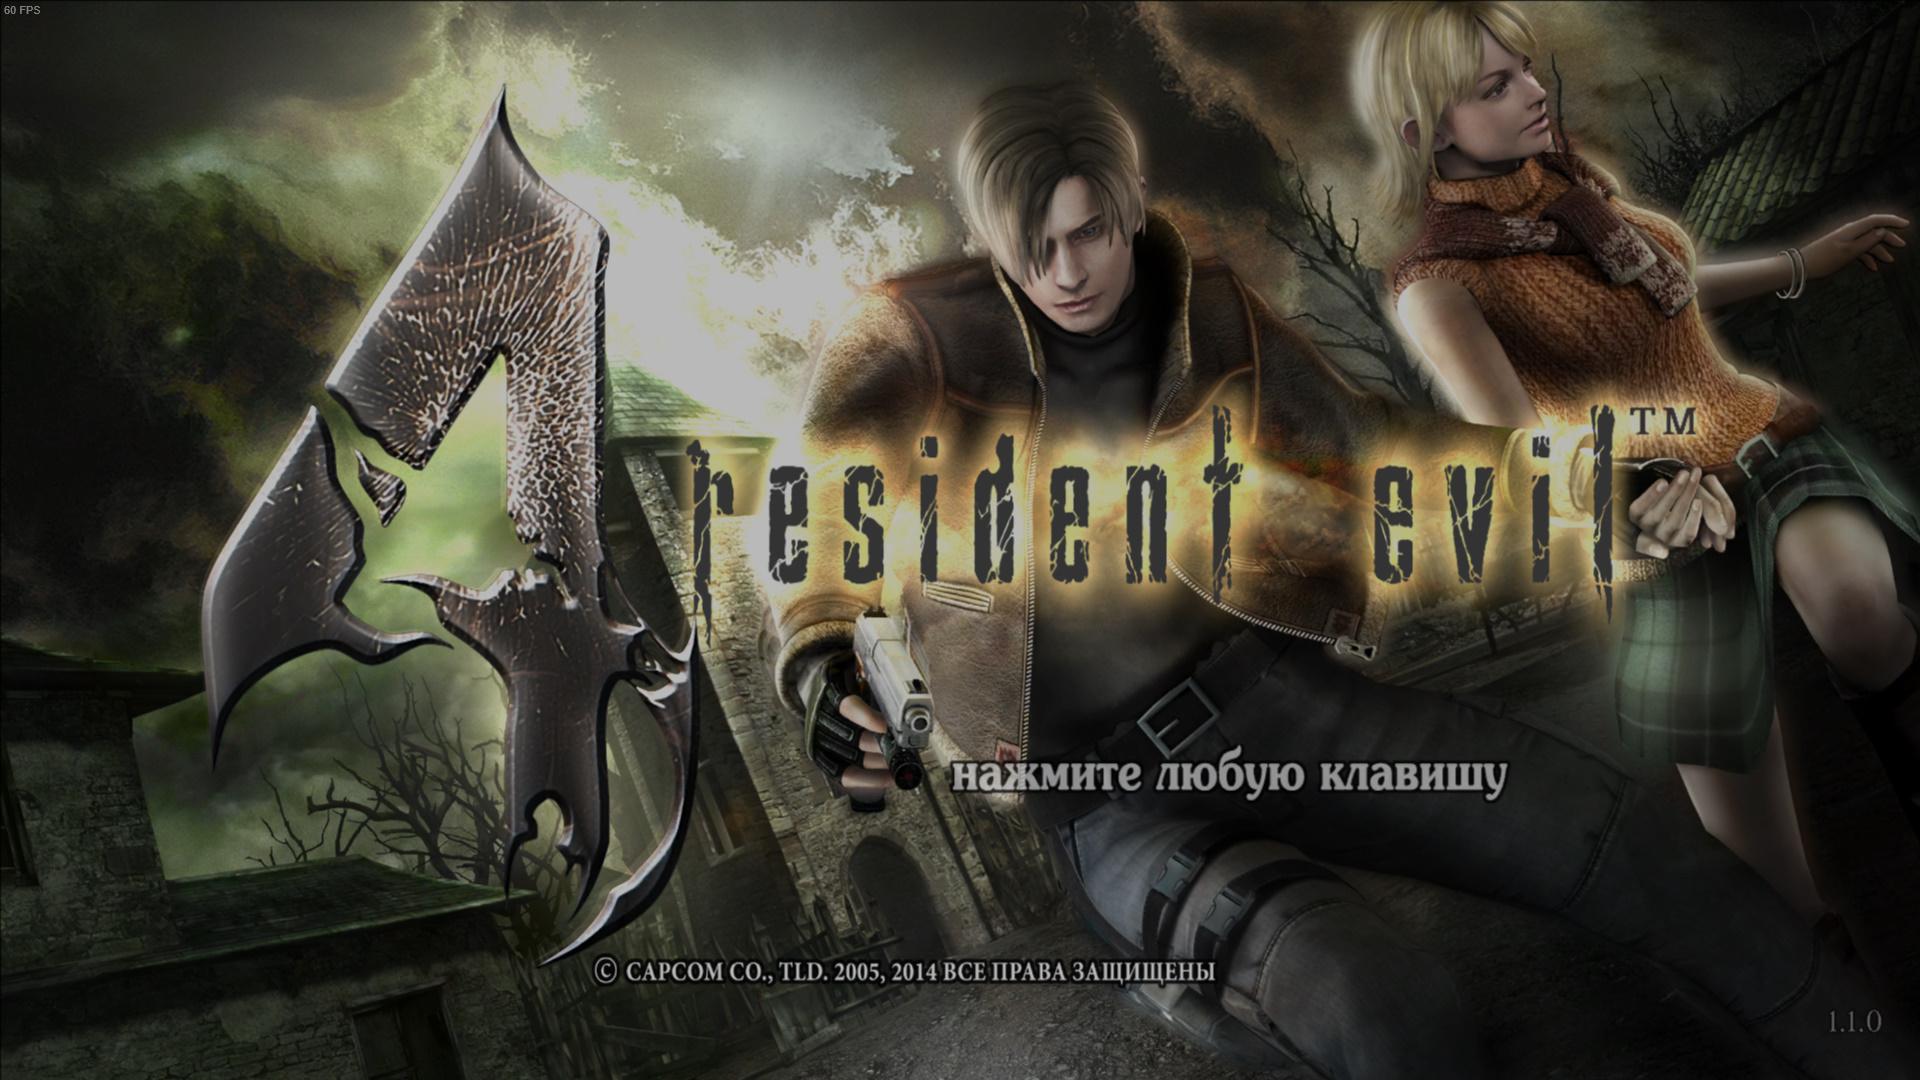 bio4 2018-11-09 00-29-48-024.jpg - Resident Evil 4